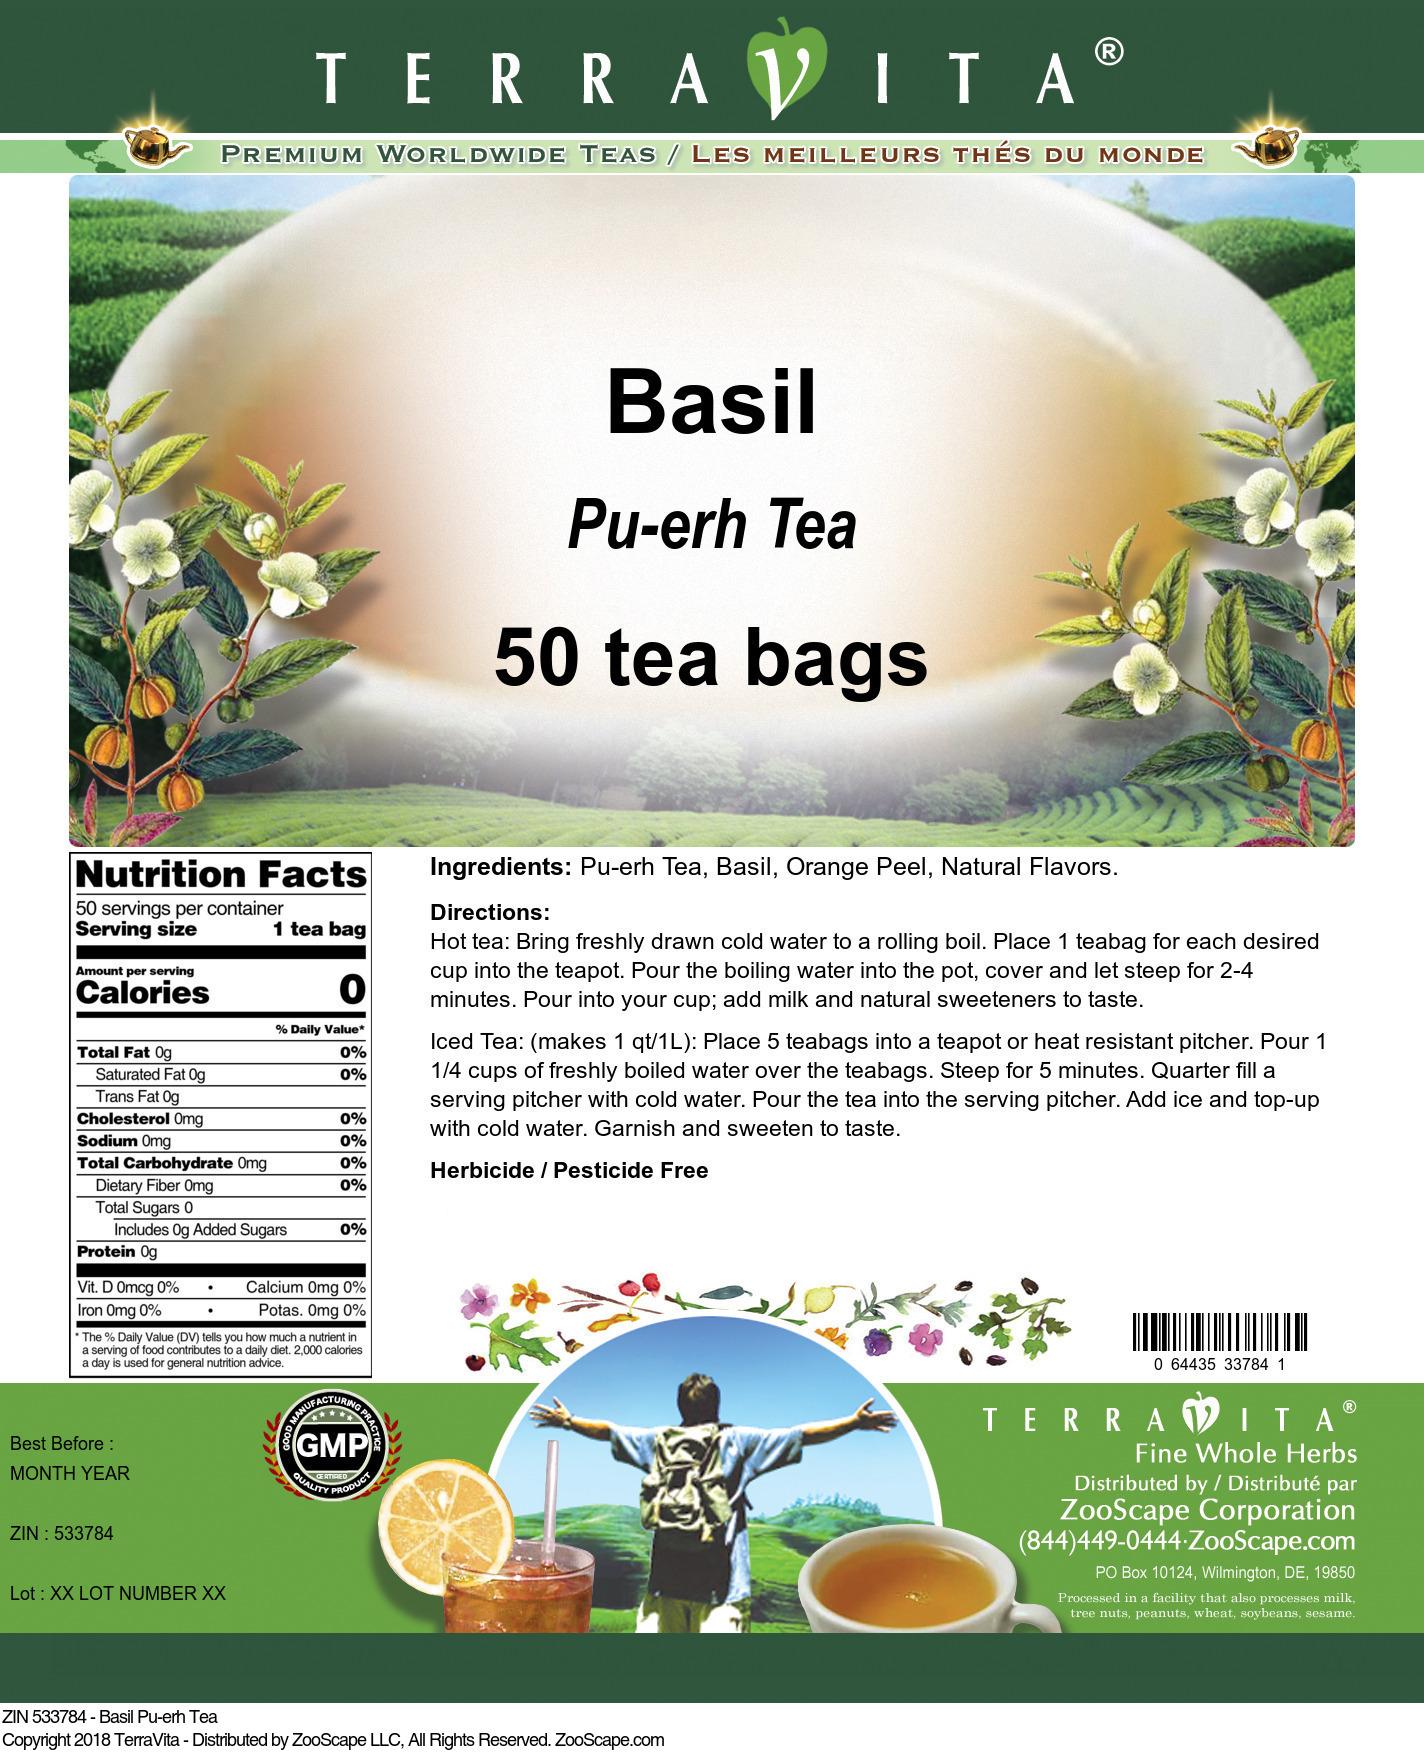 Basil Pu-erh Tea